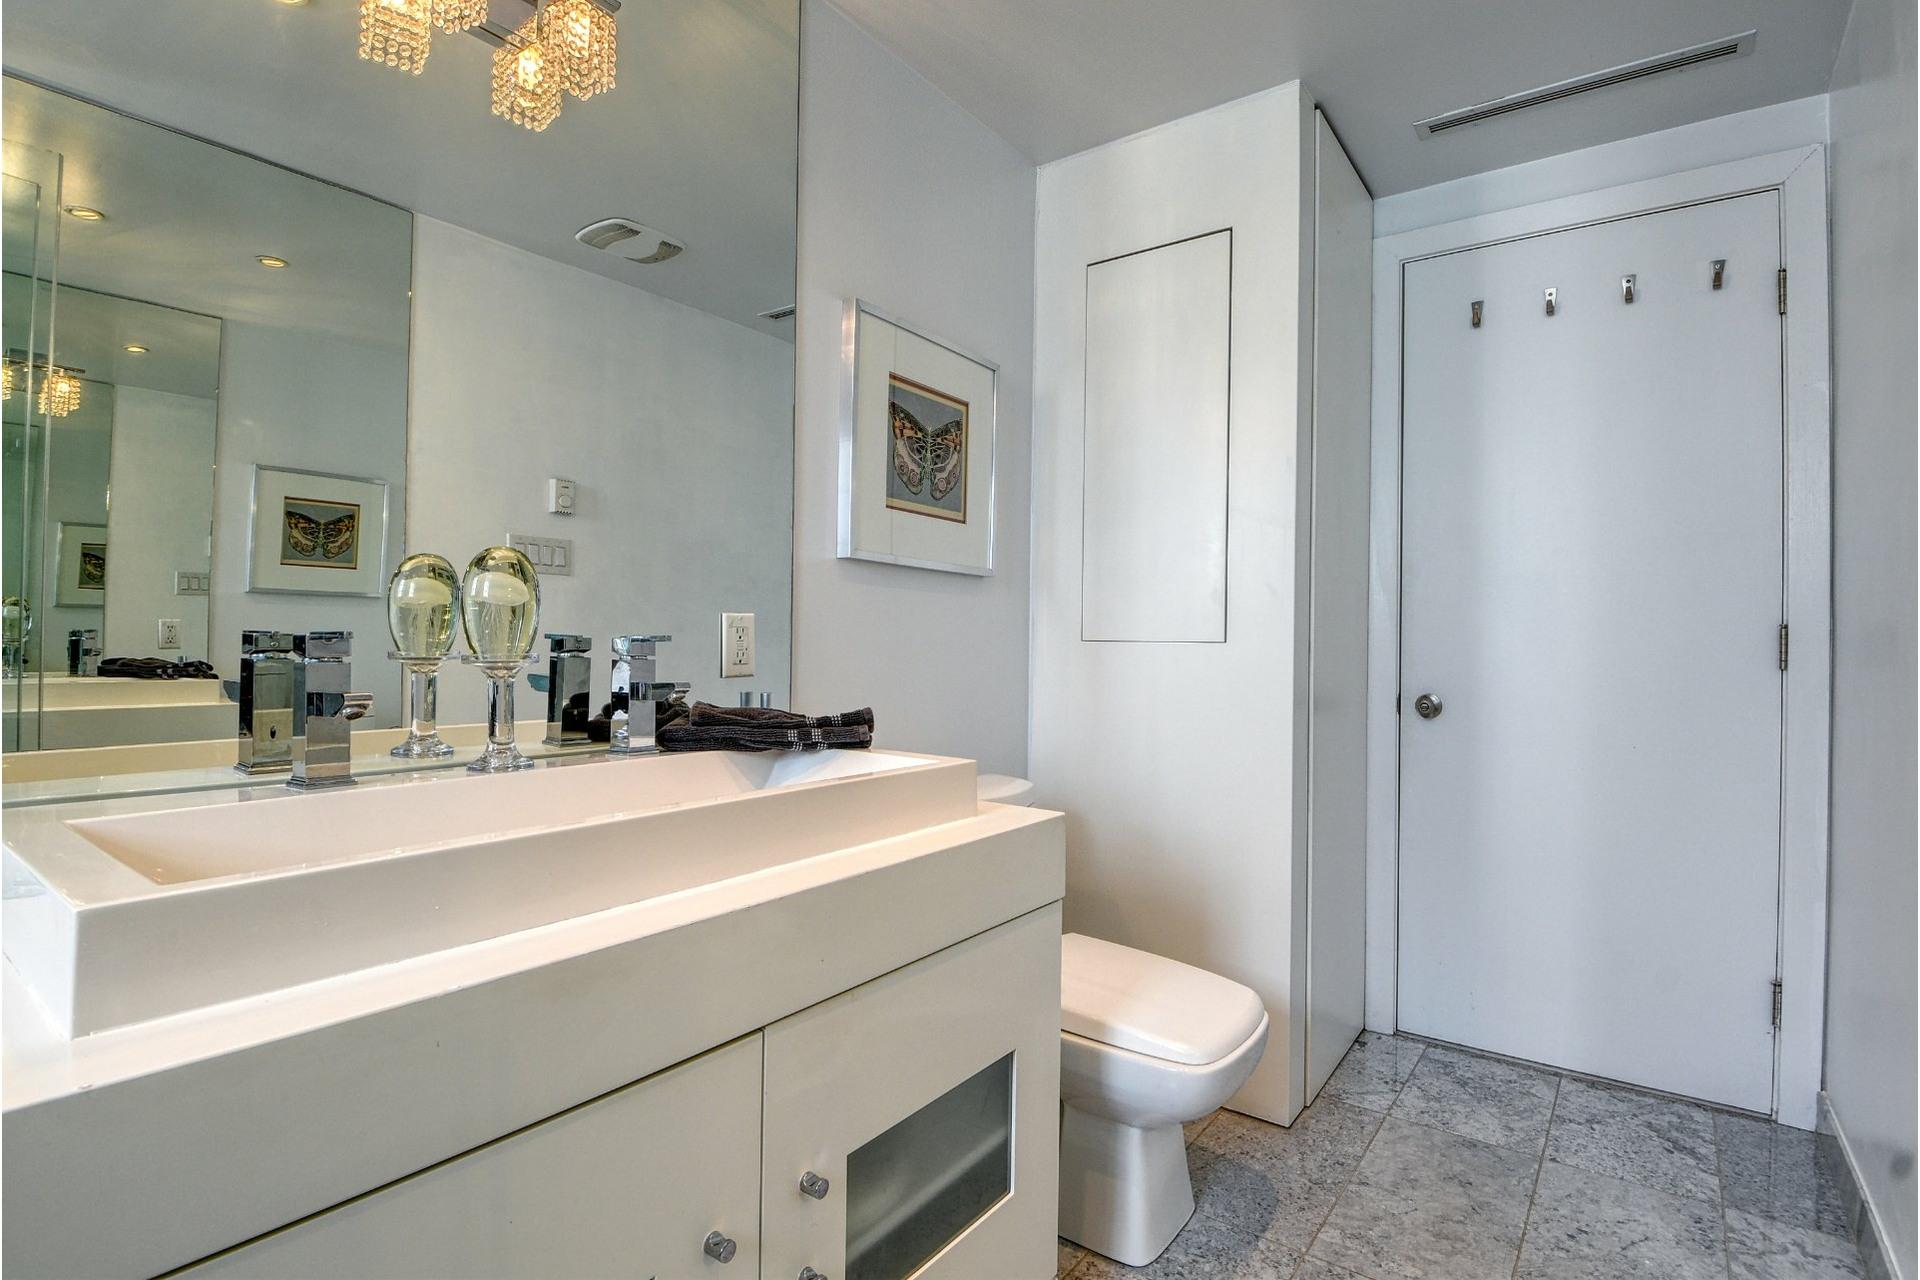 image 14 - Apartment For sale Côte-Saint-Luc - 5 rooms